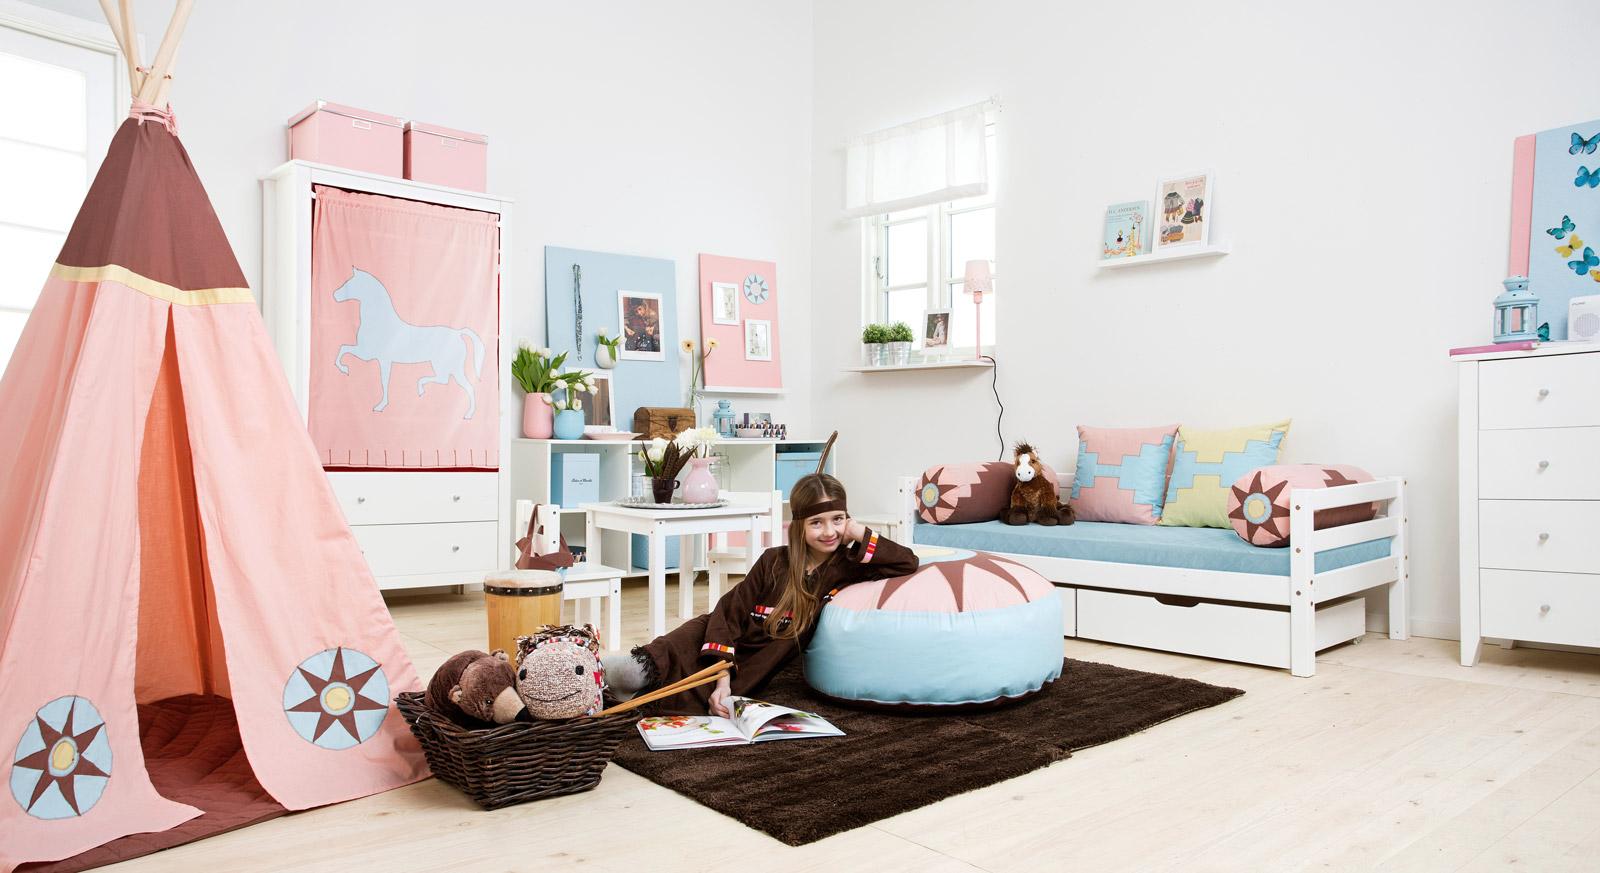 Modernes Kinderzimmer Indianermädchen mit viel Stauraum